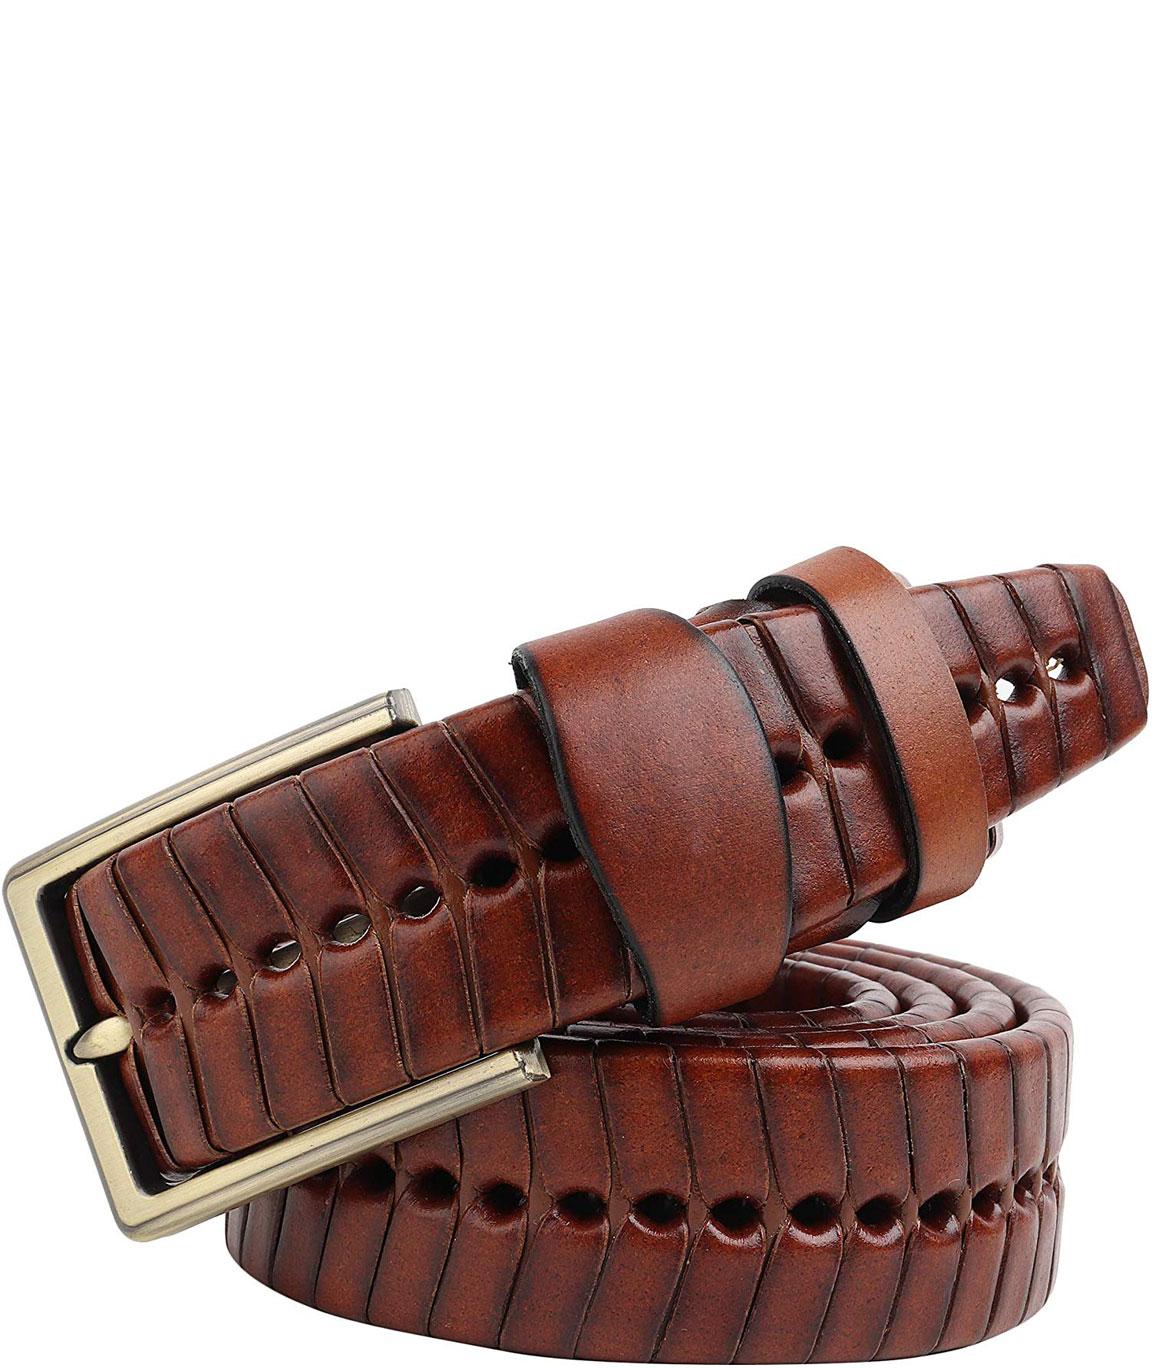 ZORO belt for men stylish, belts for men and women, belts for men leather branded, gift for men, gents belt